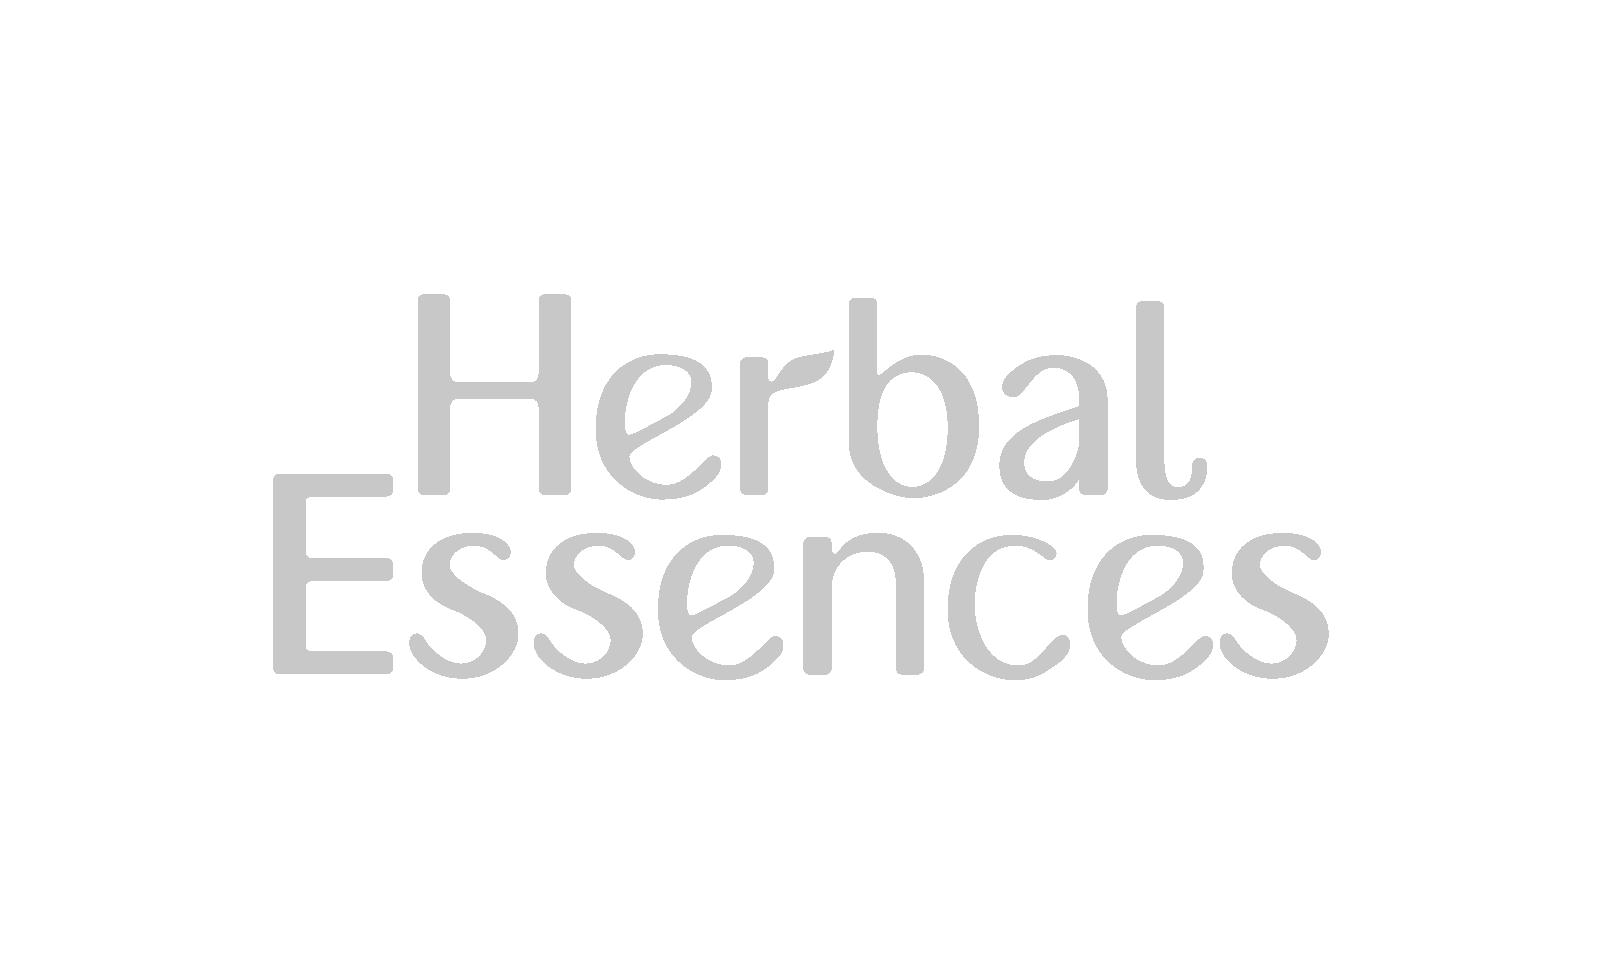 HerbalEssences.png